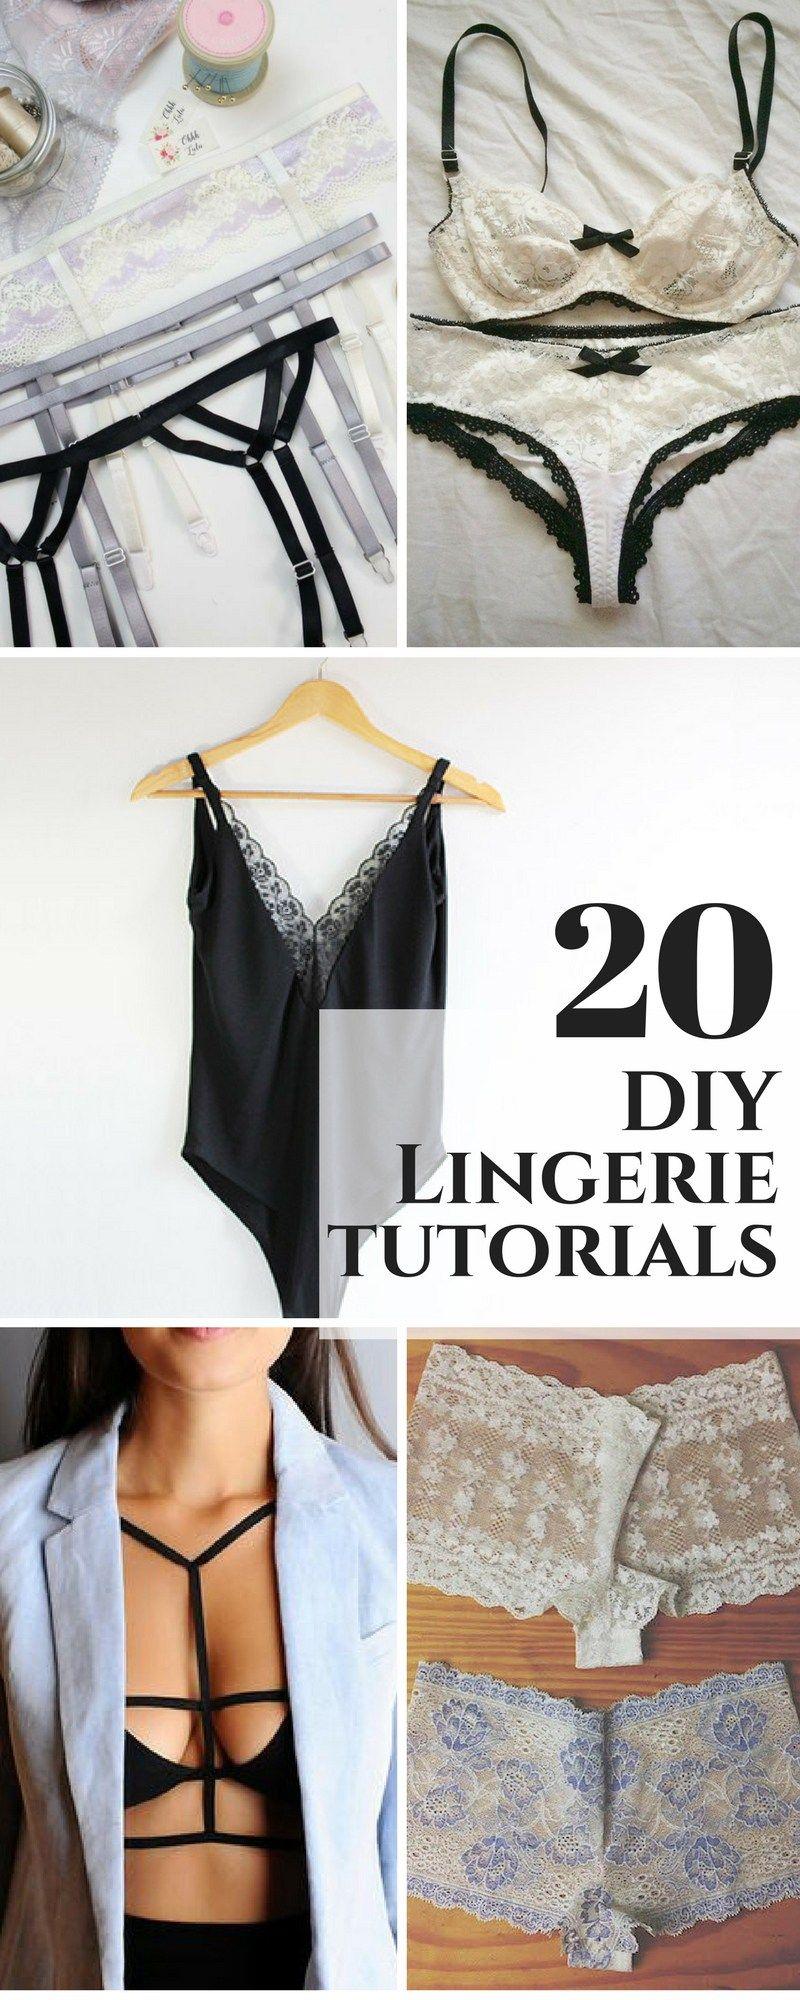 77f28d83d1c72 The Top 20 DIY Lingerie